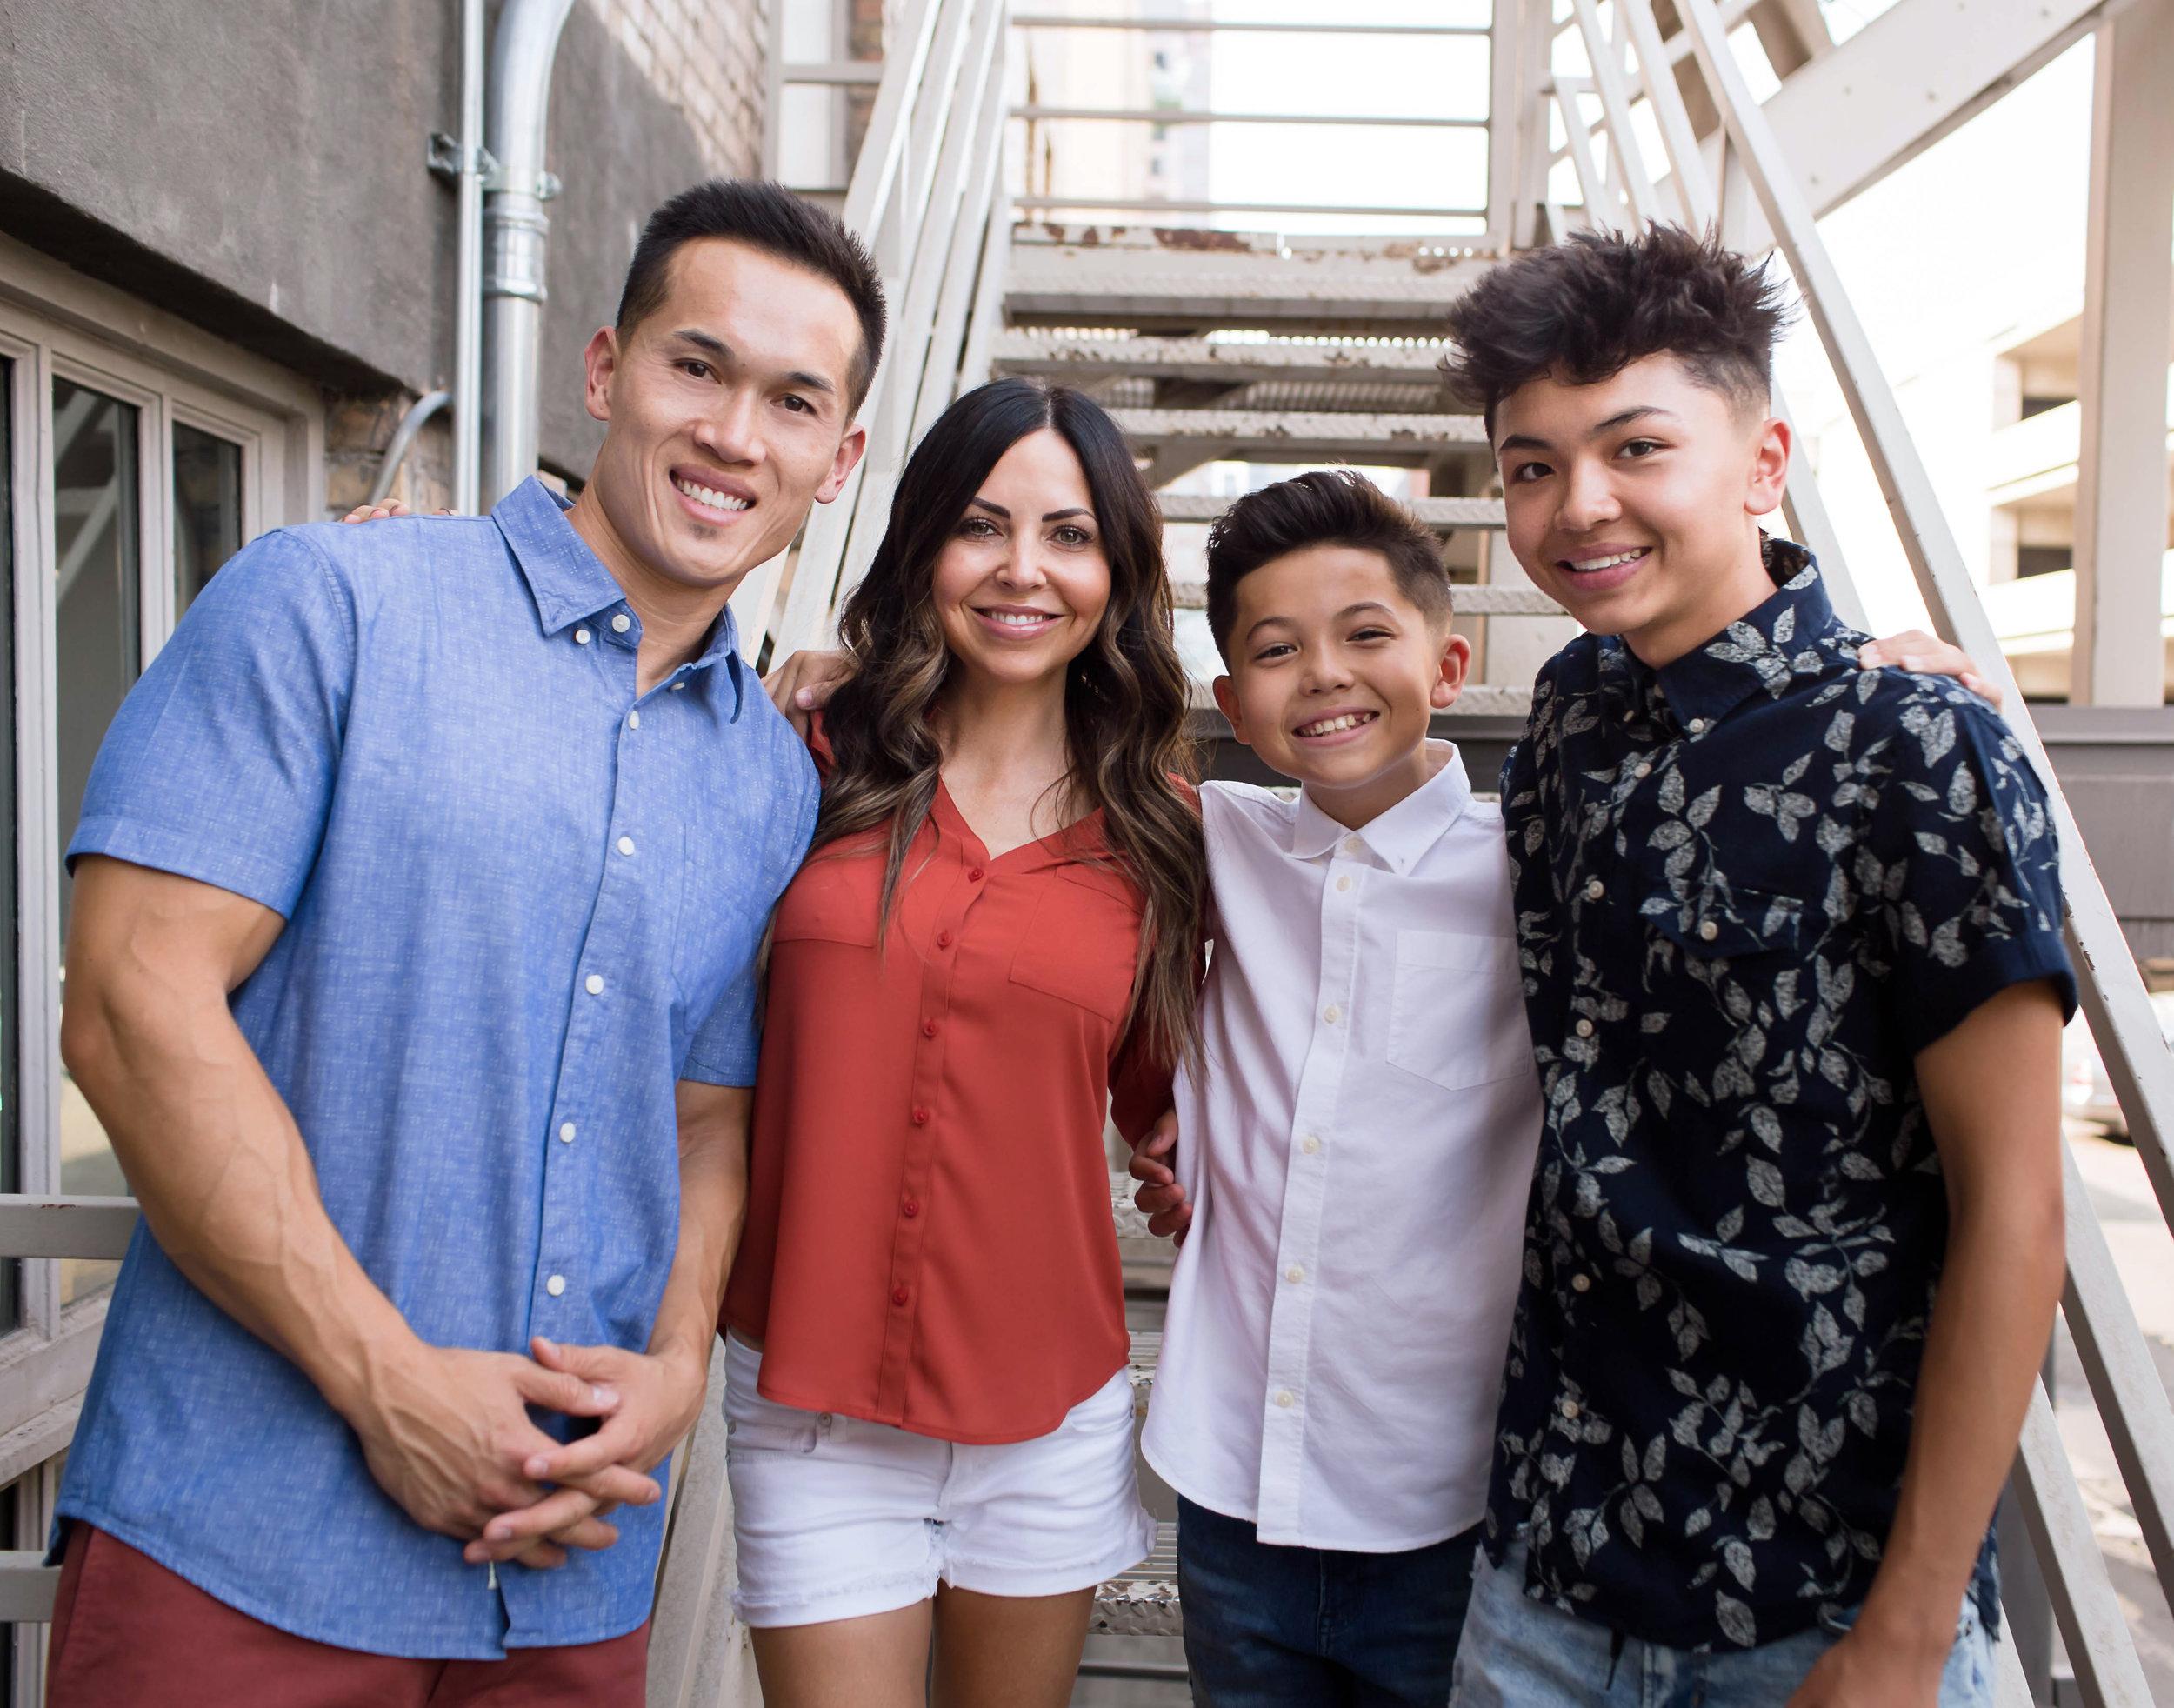 Chang Family 2018 (56)11x14.jpg